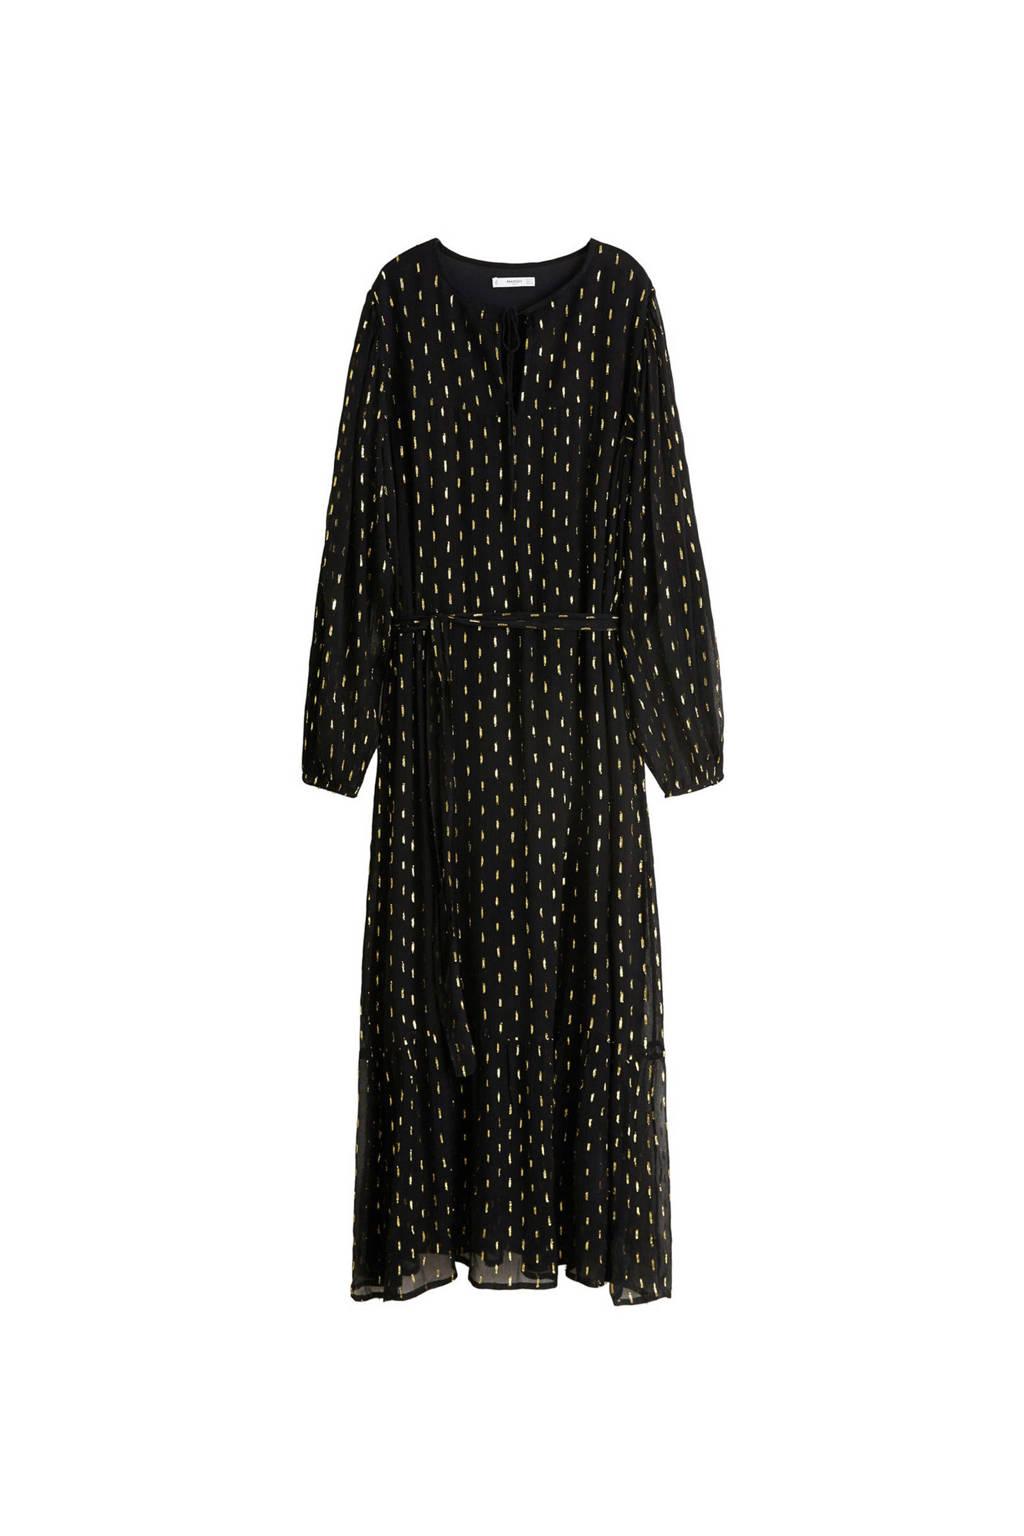 72d06c71e9c Mango jurk van jacquard zwart, zwart/ goud